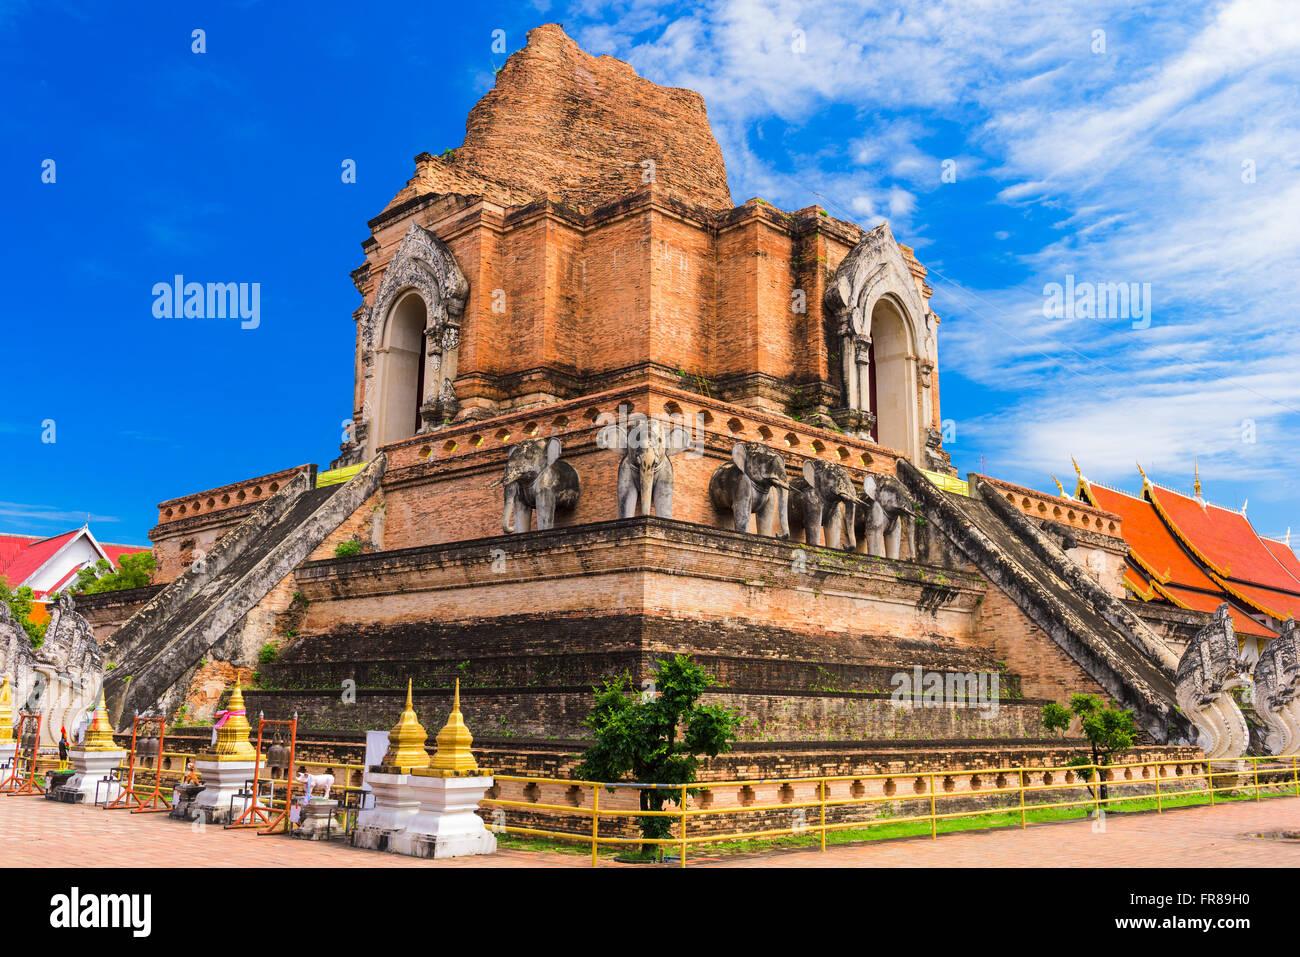 Chiang Mai, Thailand at Wat Chedi Luang. - Stock Image